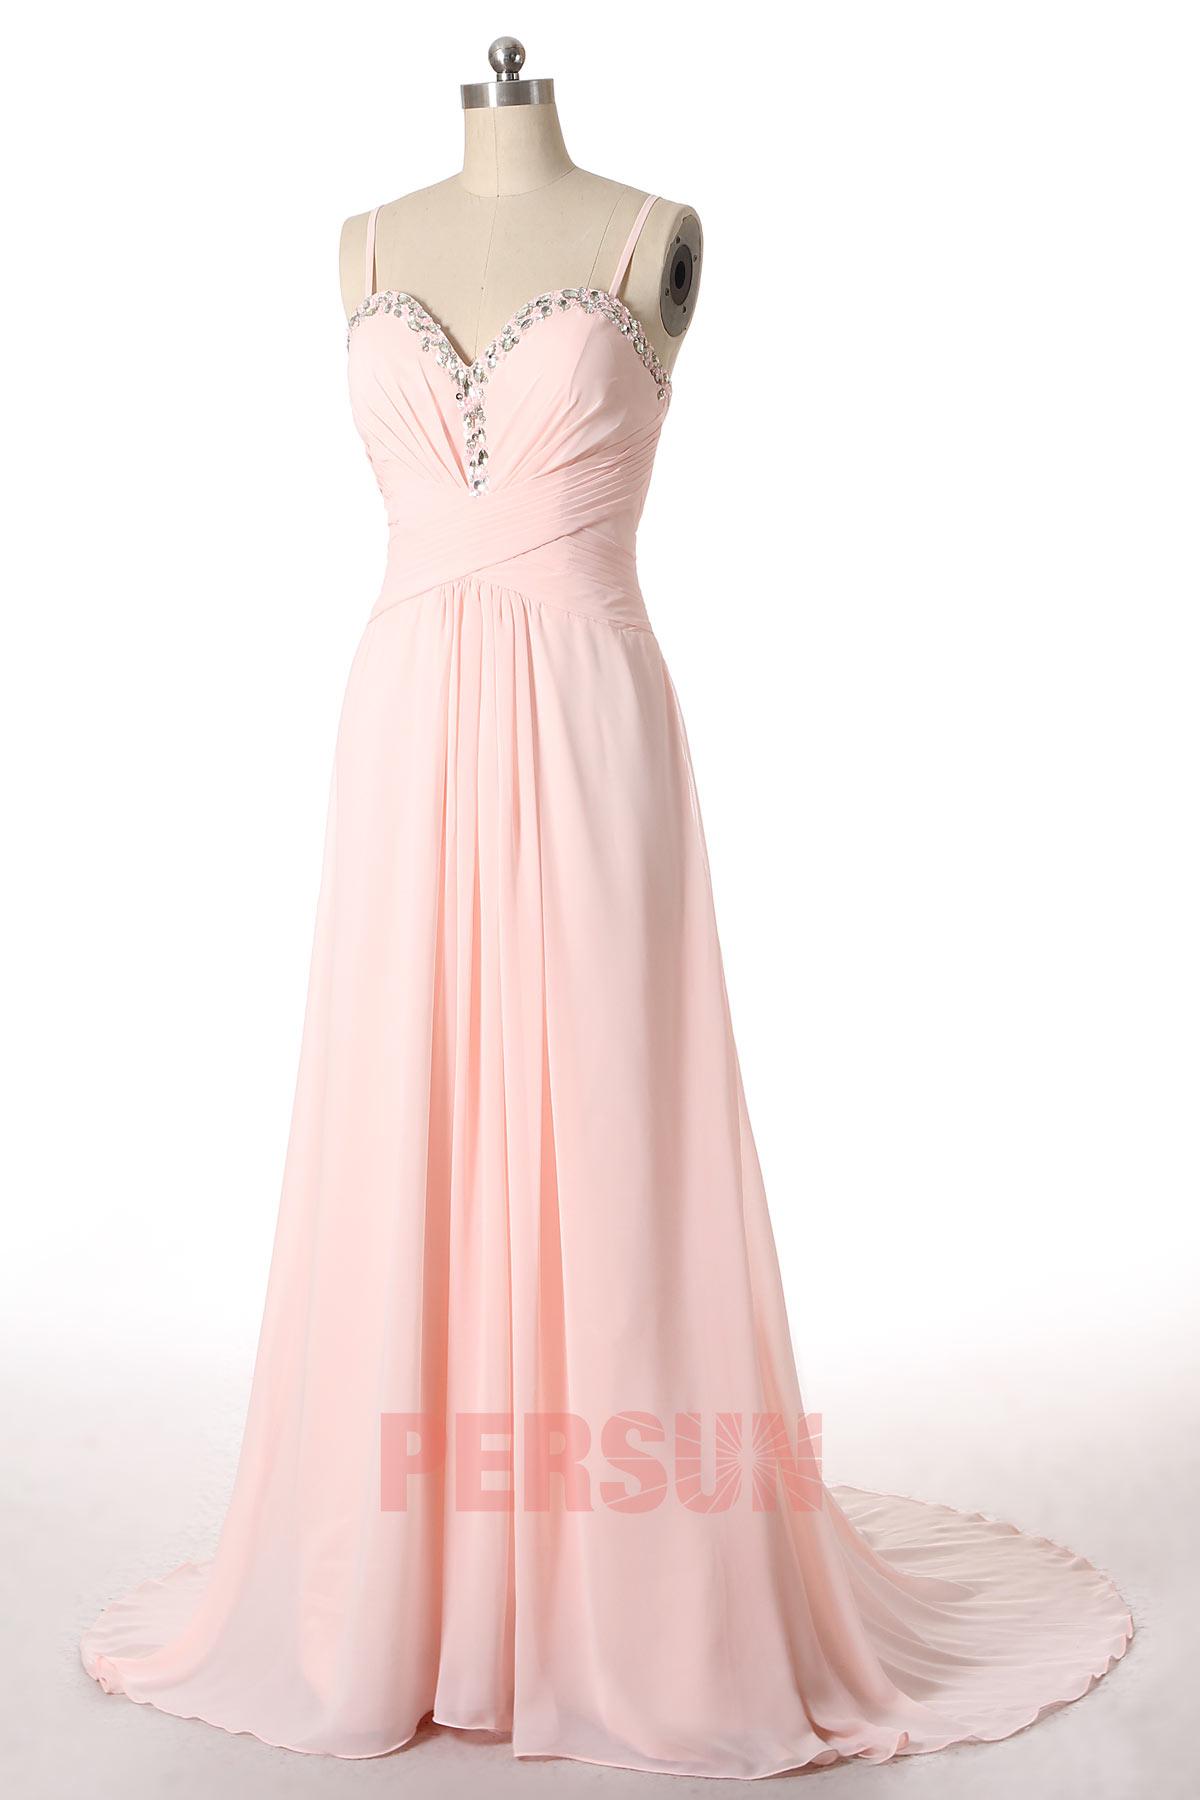 0a6dac8de79 Robe longue de bal rose pâle plissée bustier à paillettes aux fines  bretelles